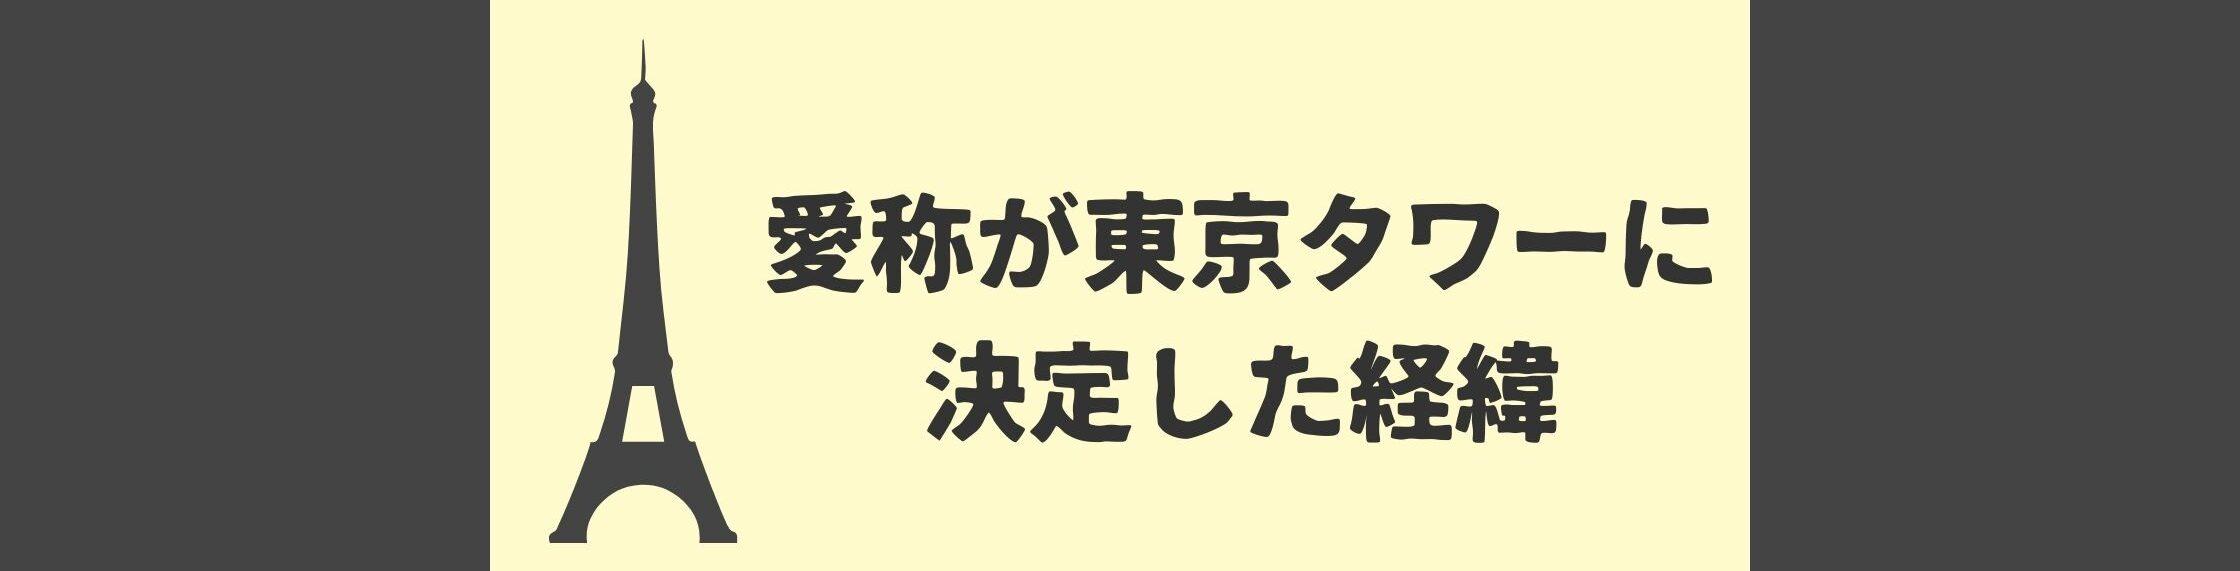 東京タワーの正式名称